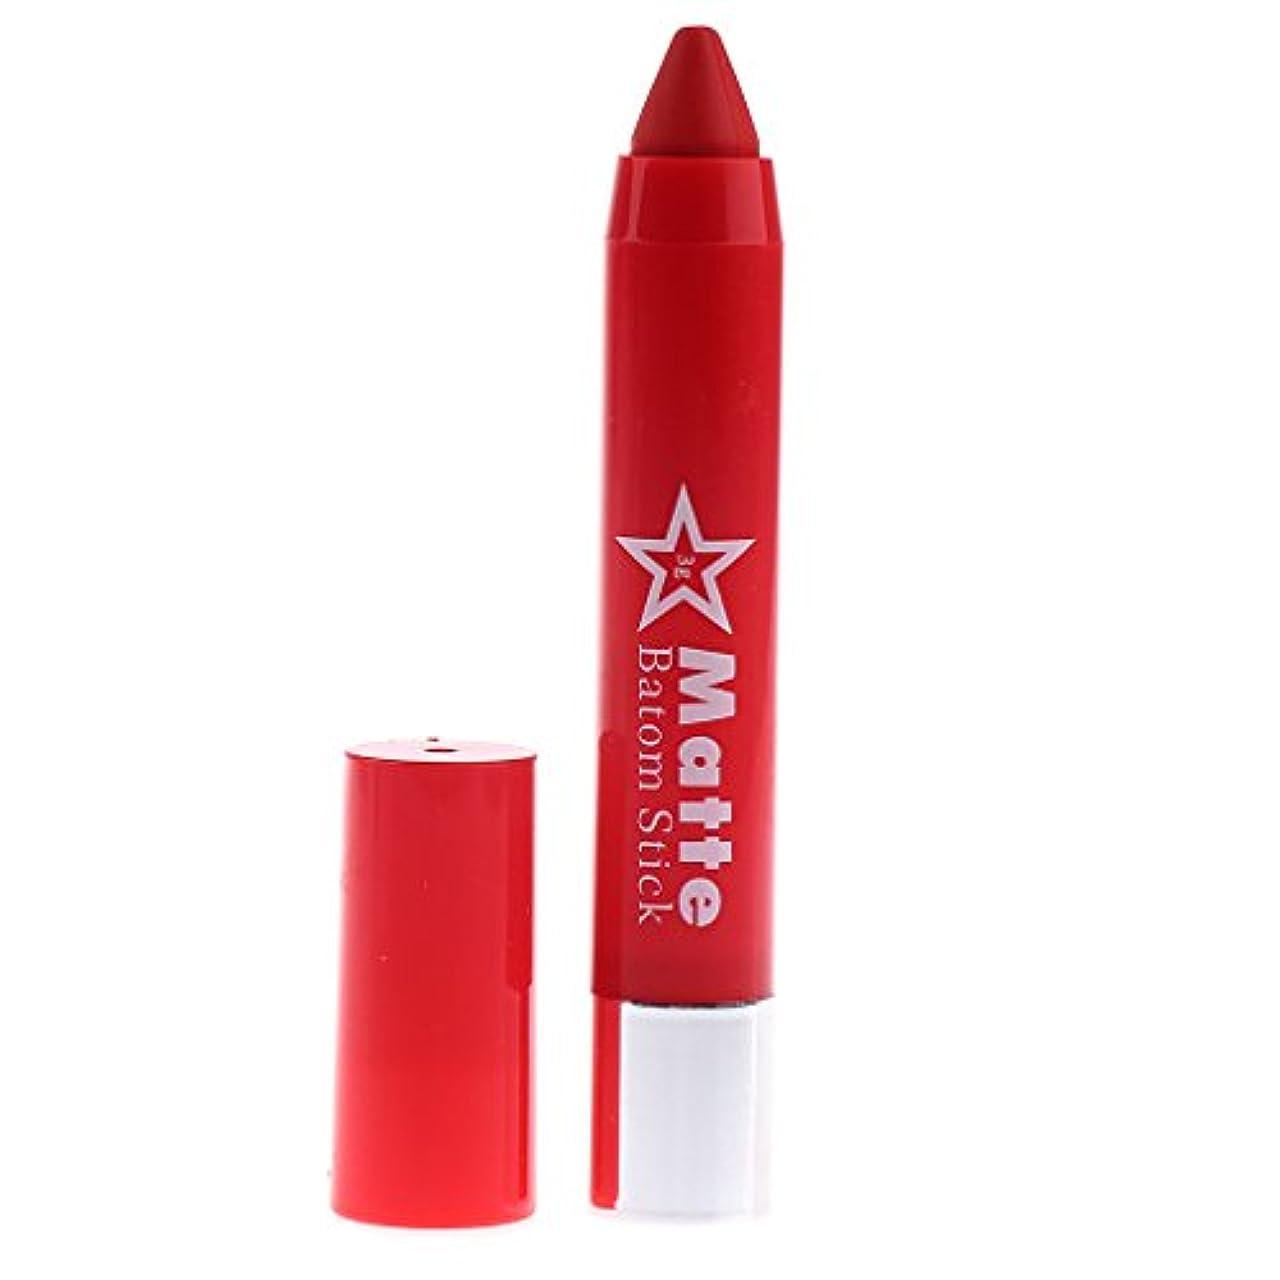 レオナルドダ分離群集6色セット 長持ち 保湿 口紅 リップスティック 高彩度カラー 人気カラー 携帯便利 女性のギルト - #F